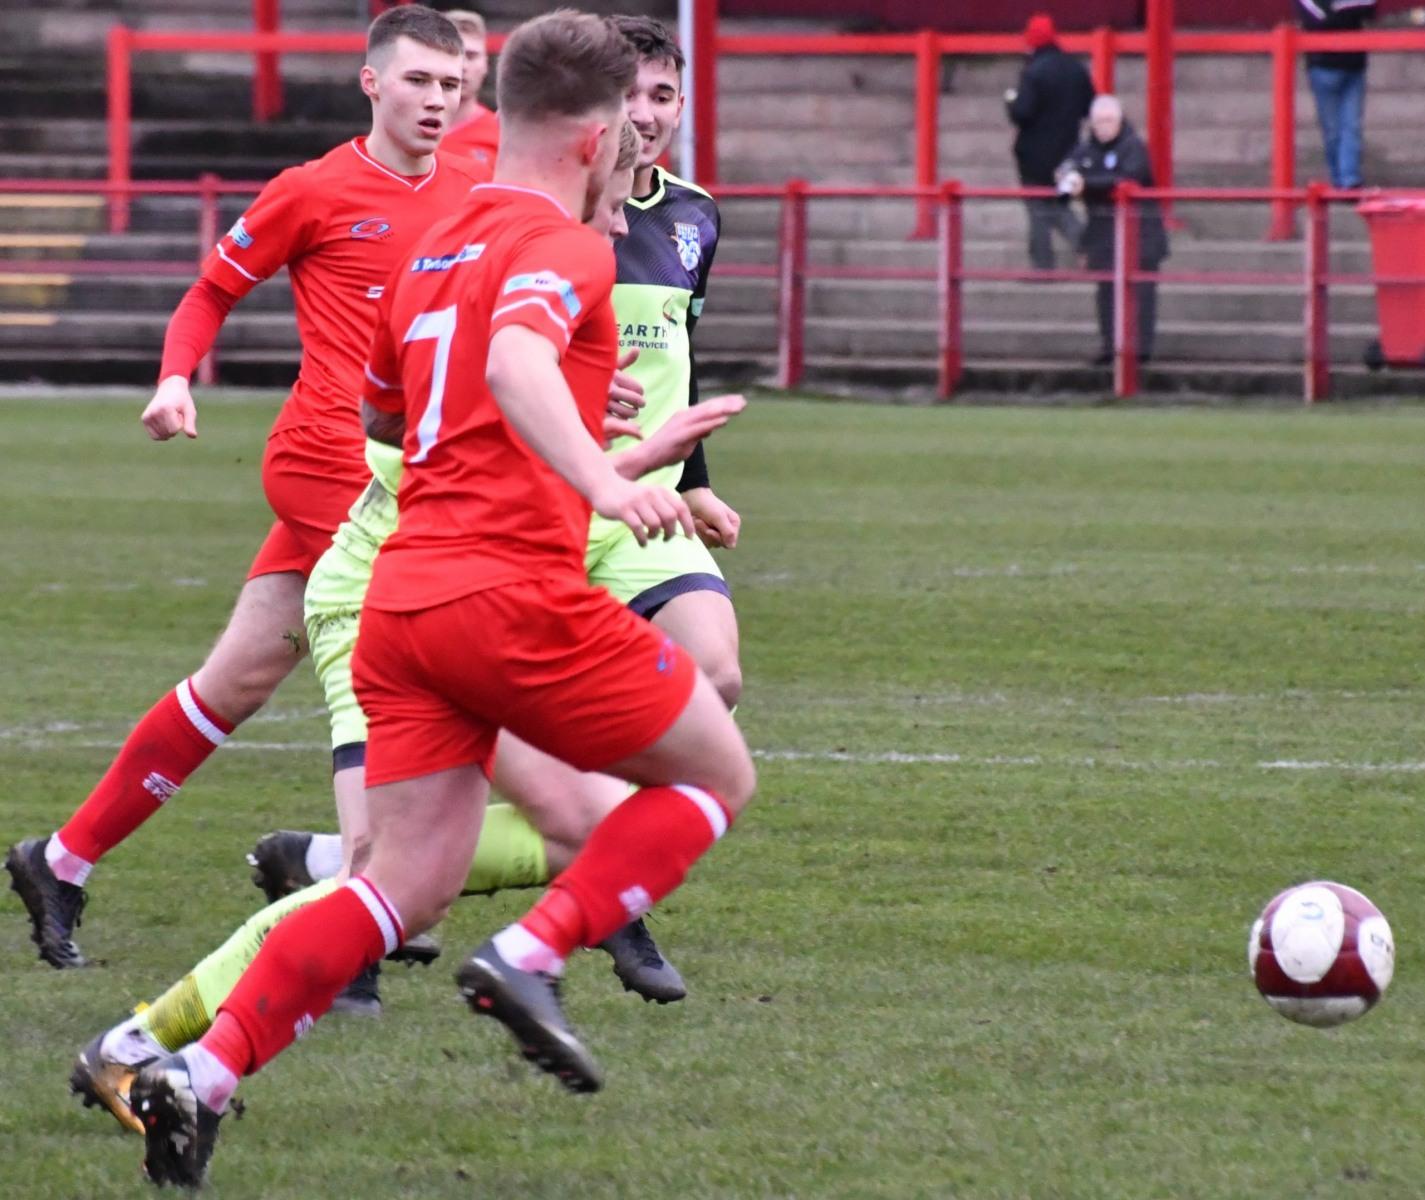 Workington-Reds-v-Ossett-Utd-Ben-Challis-7-scaled